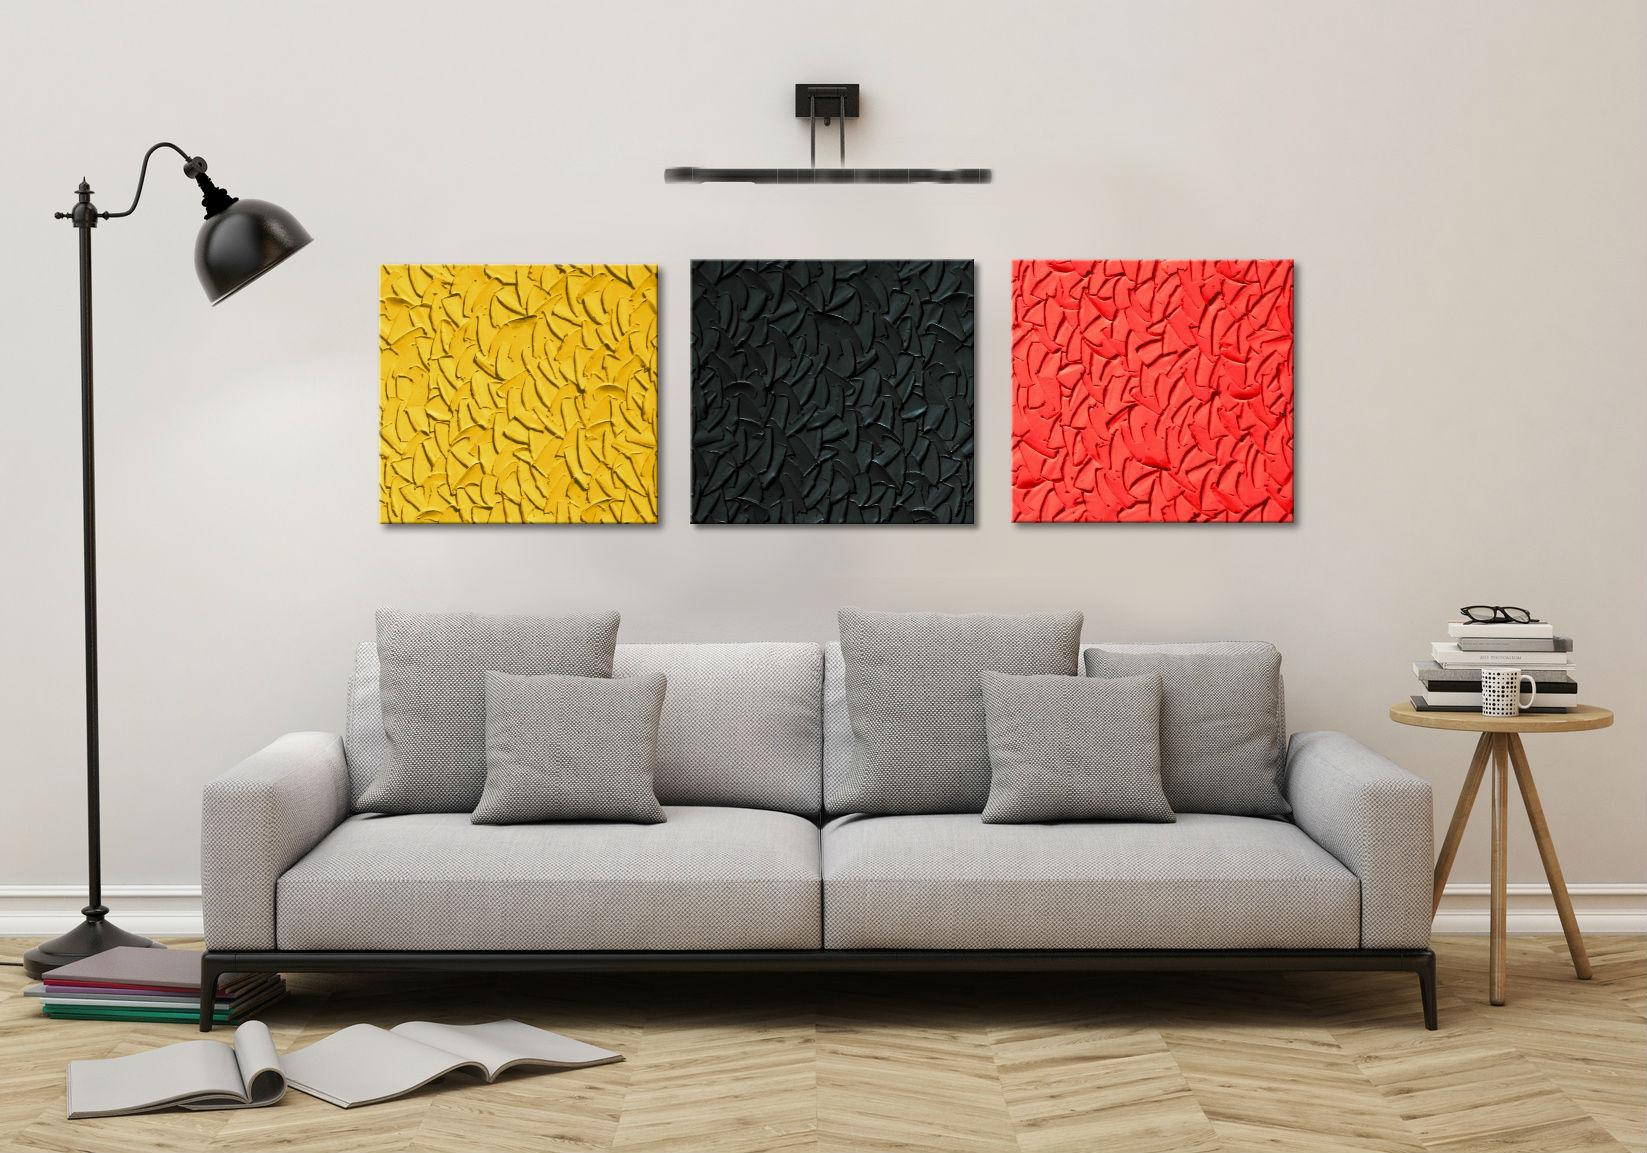 Modne Obrazy Abstrakcyjne Tryptyk 3szt 50x50cm Obrazy Z Czerwienią